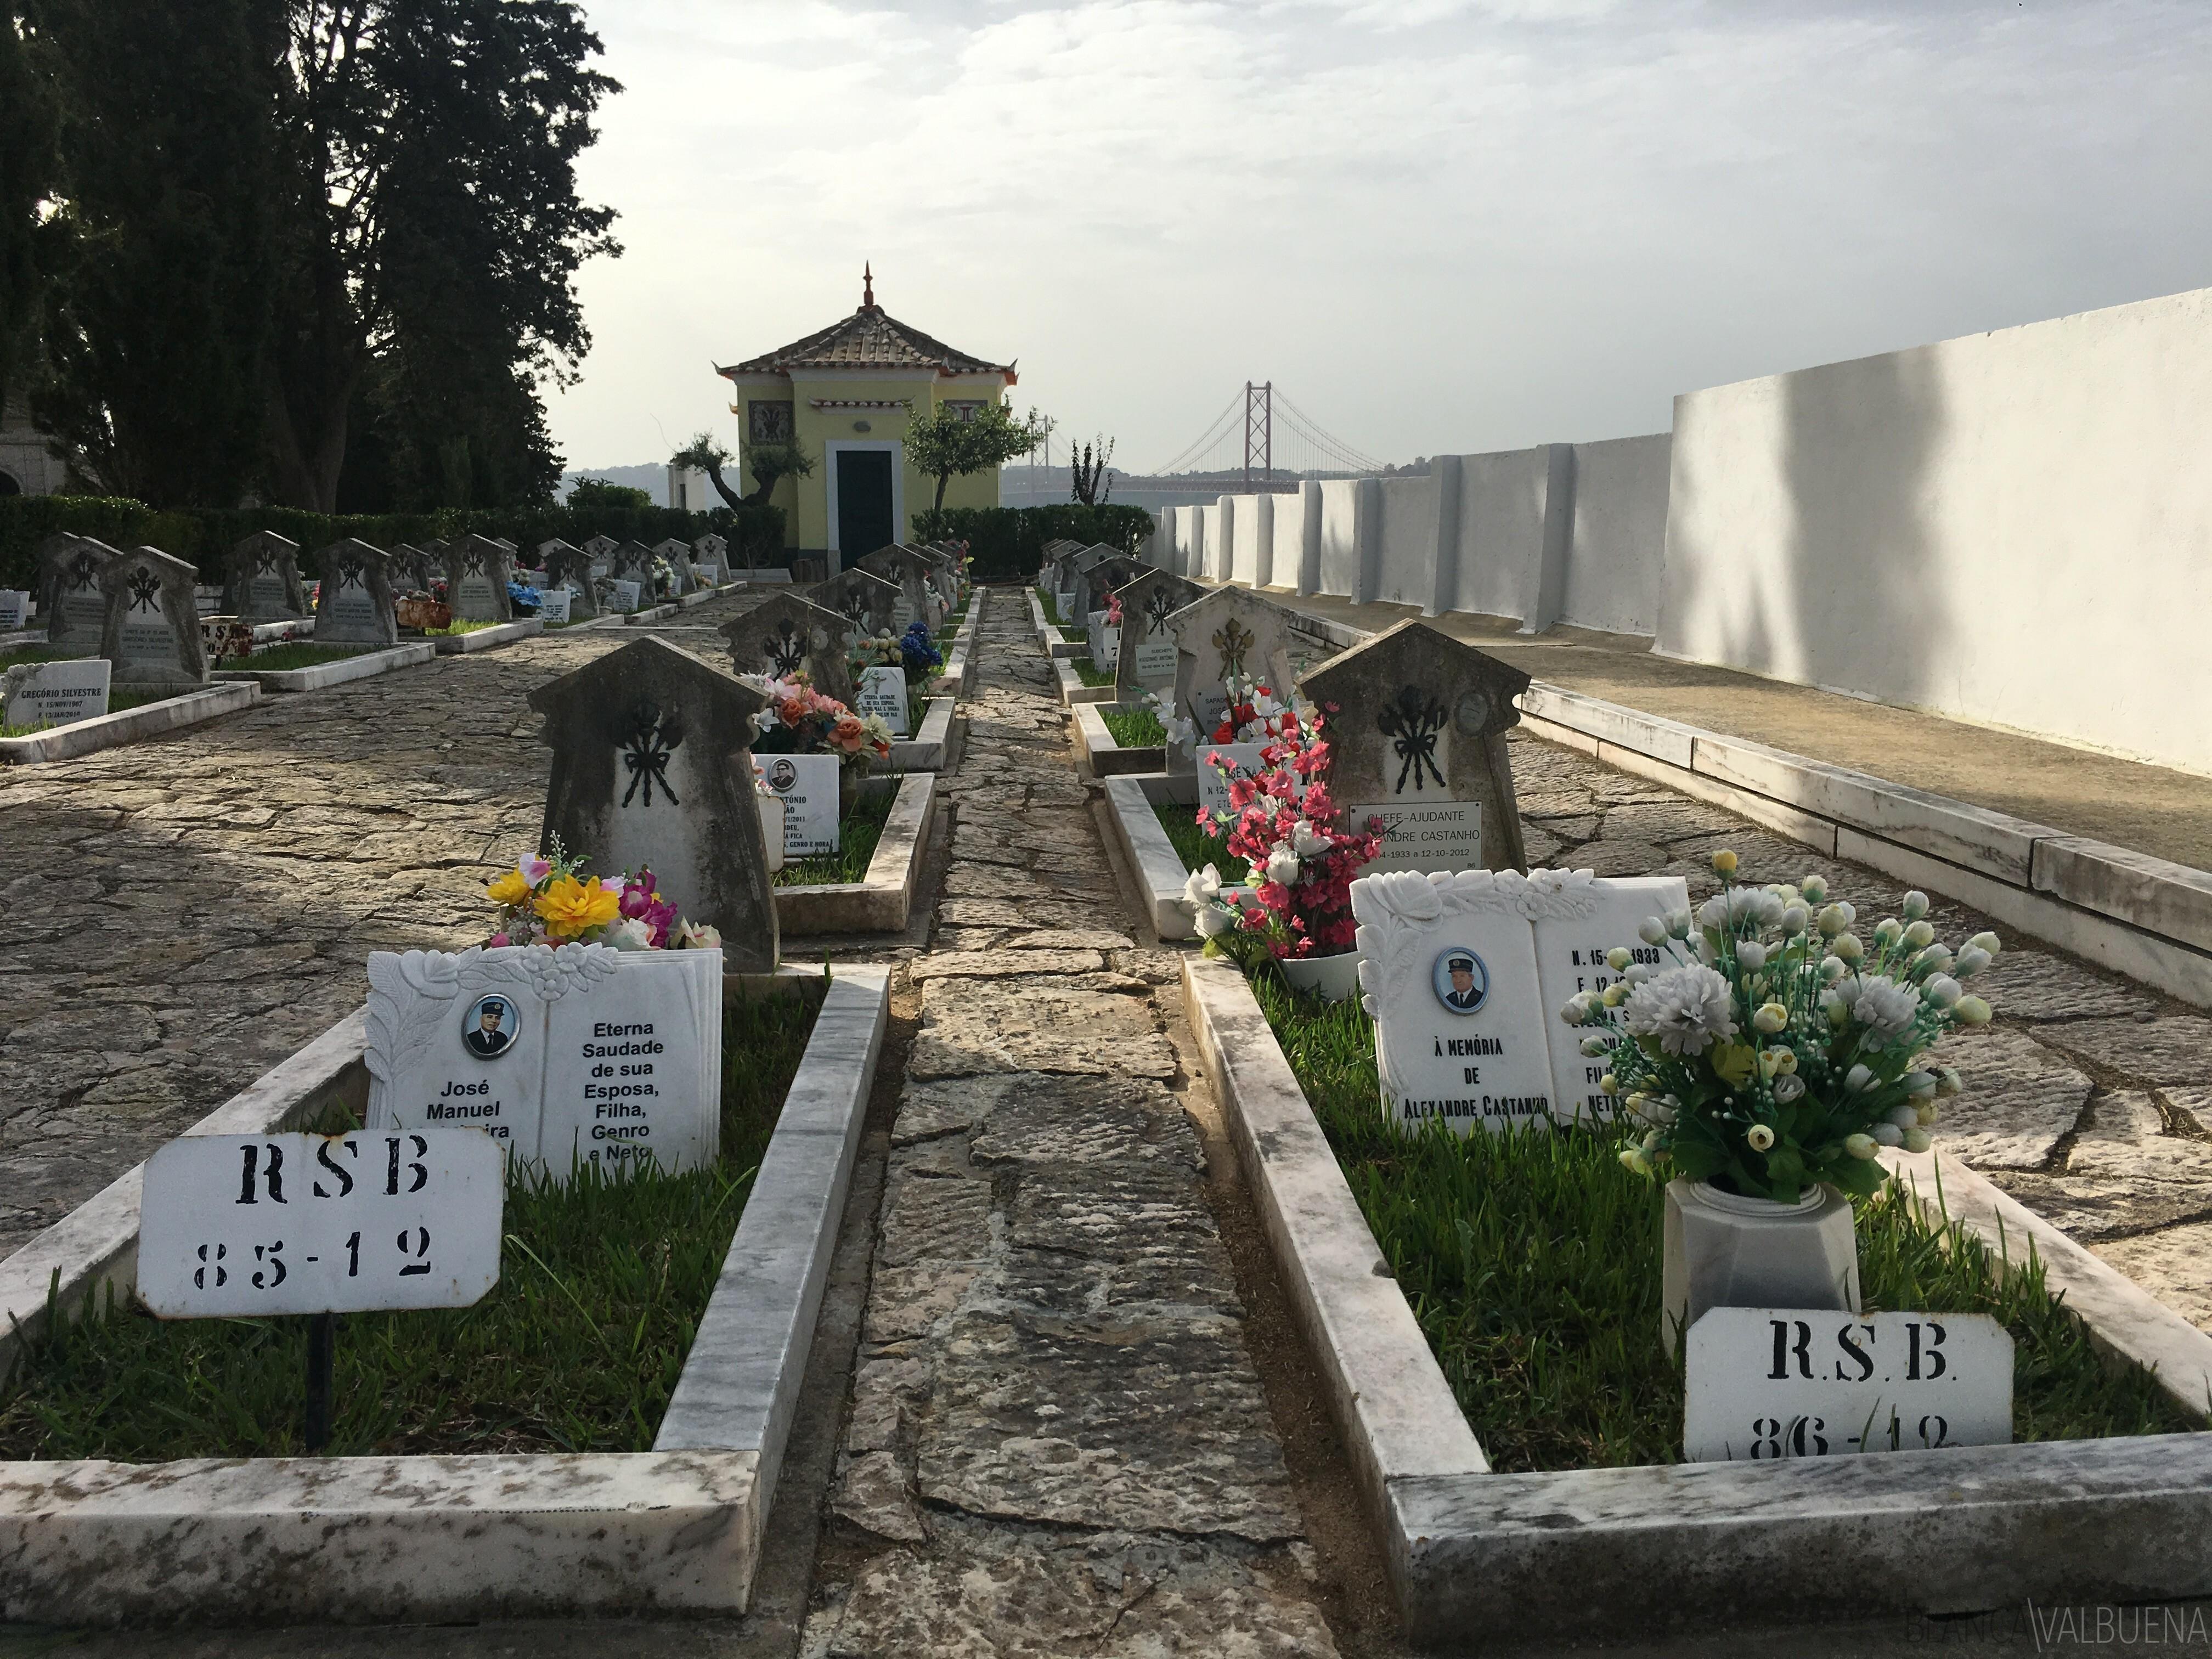 消防队员里斯本墓地